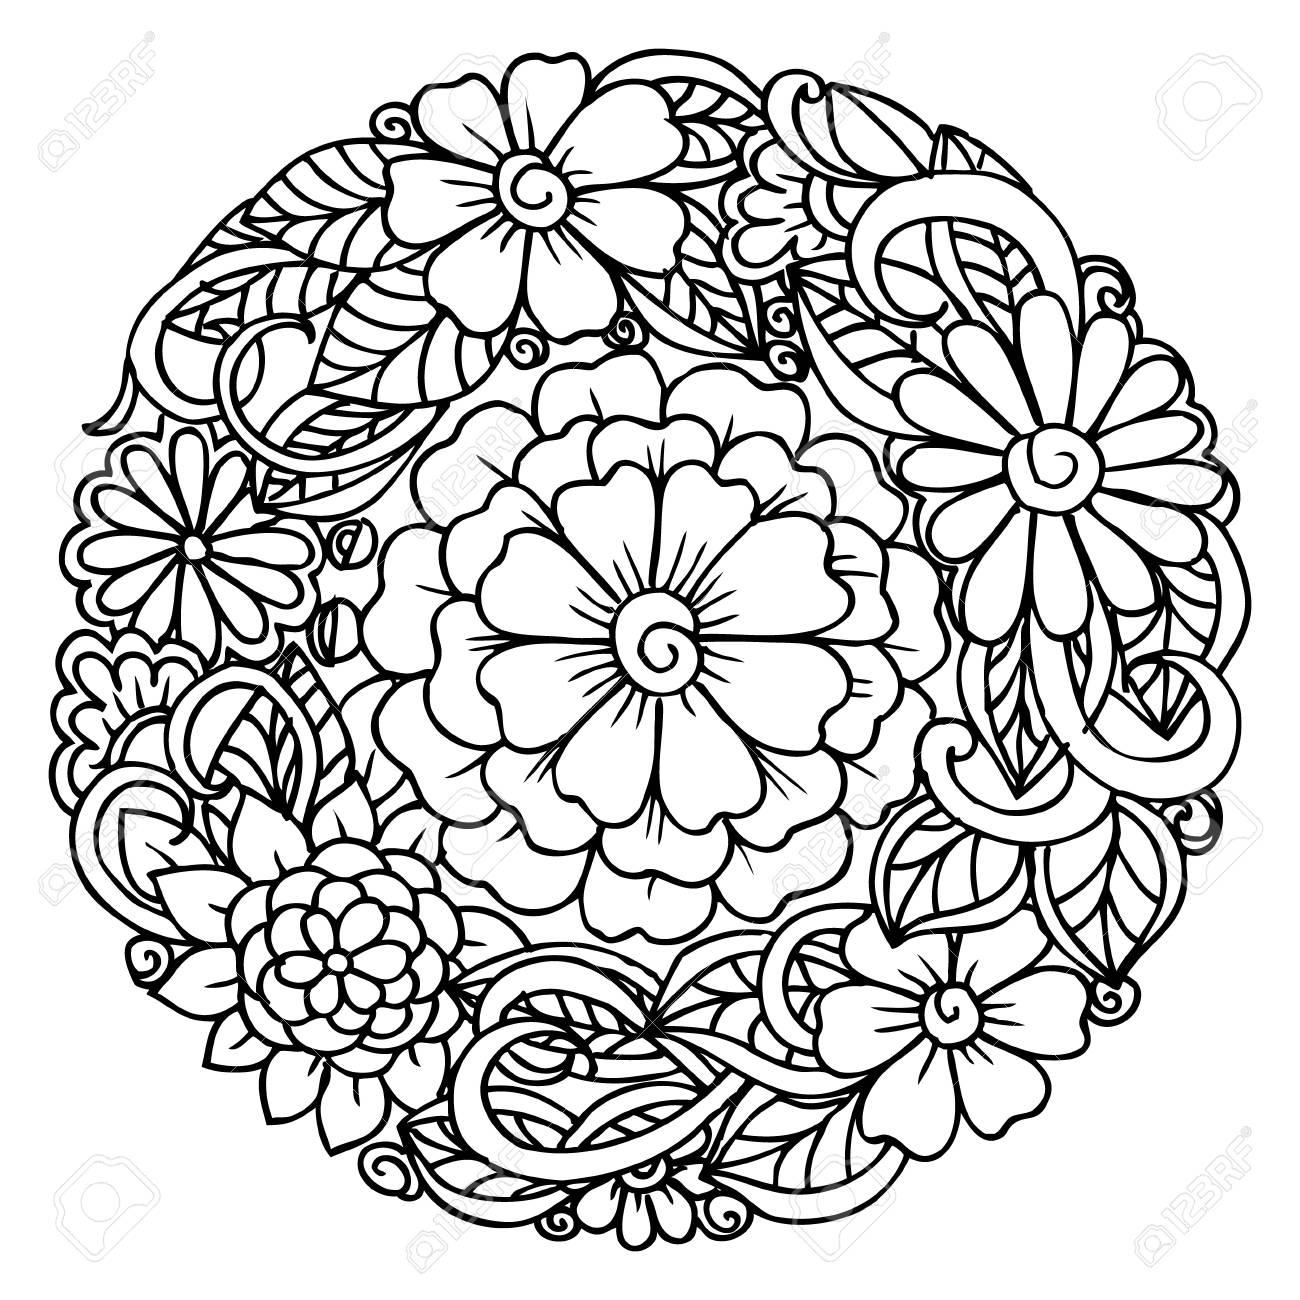 Doodle Mandala De Flores Para La Relajación Y El Libro Para